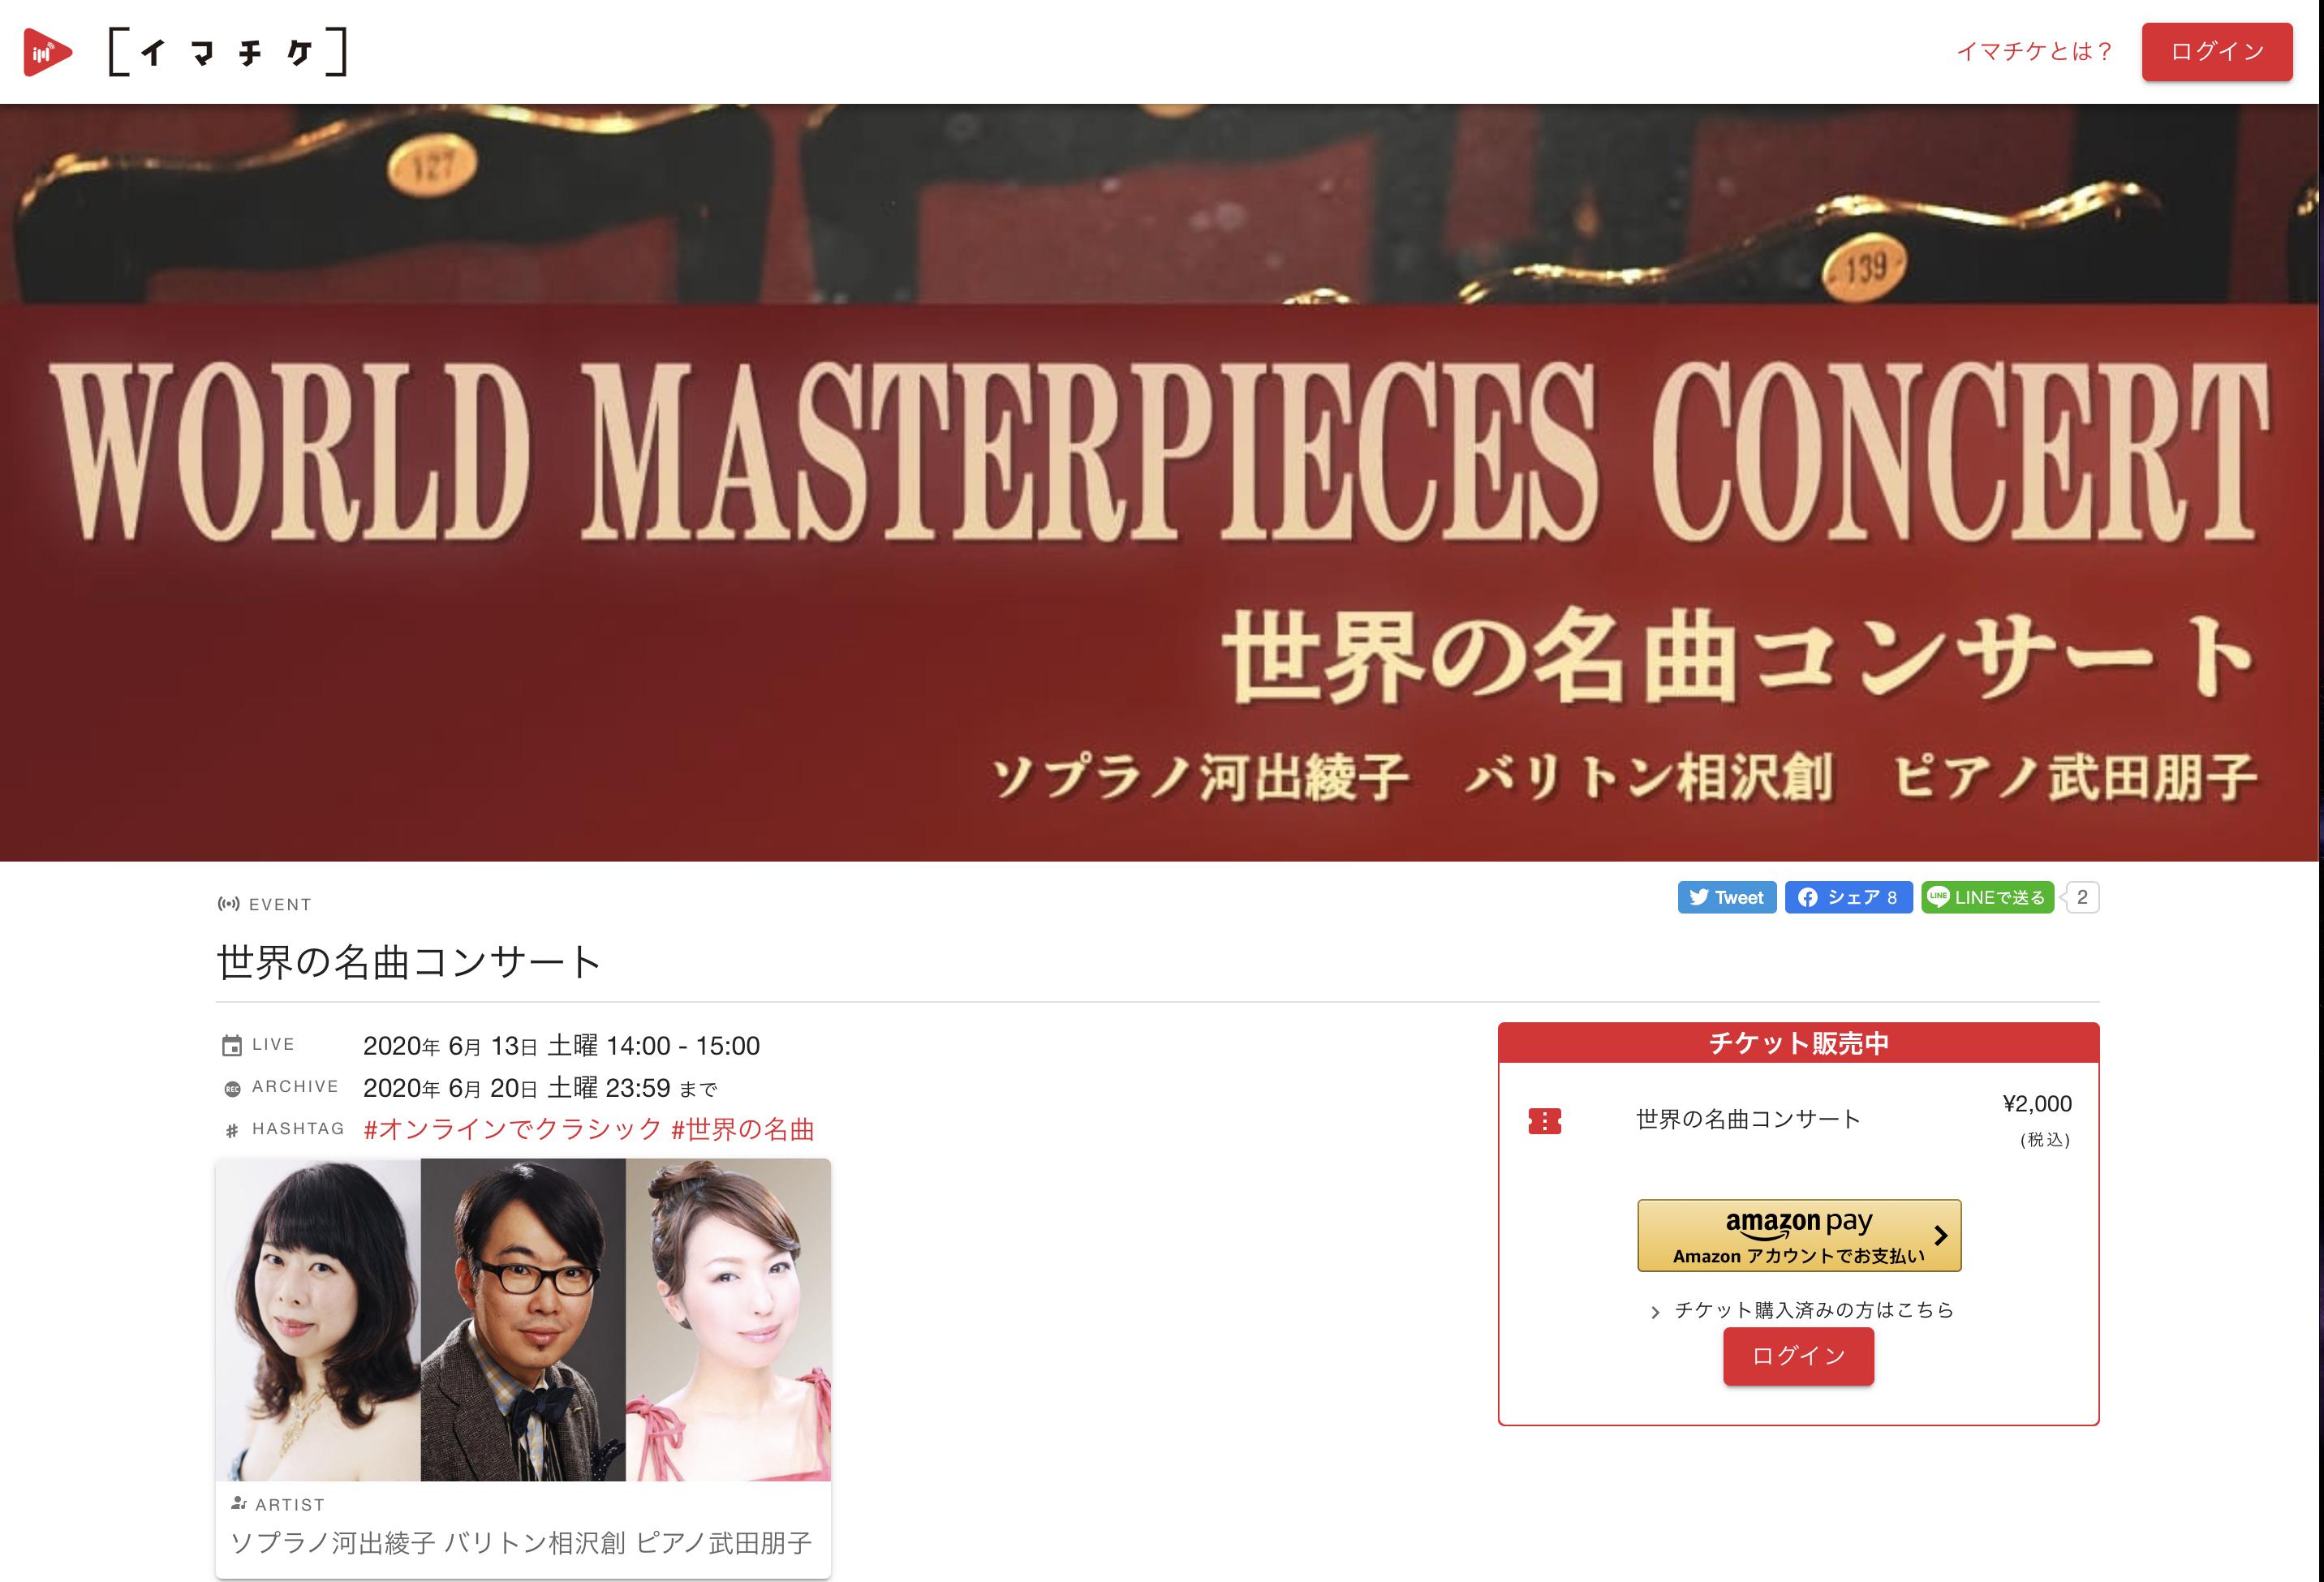 オンラインコンサートのお知らせ【2020/06/13 世界の名曲コンサート】